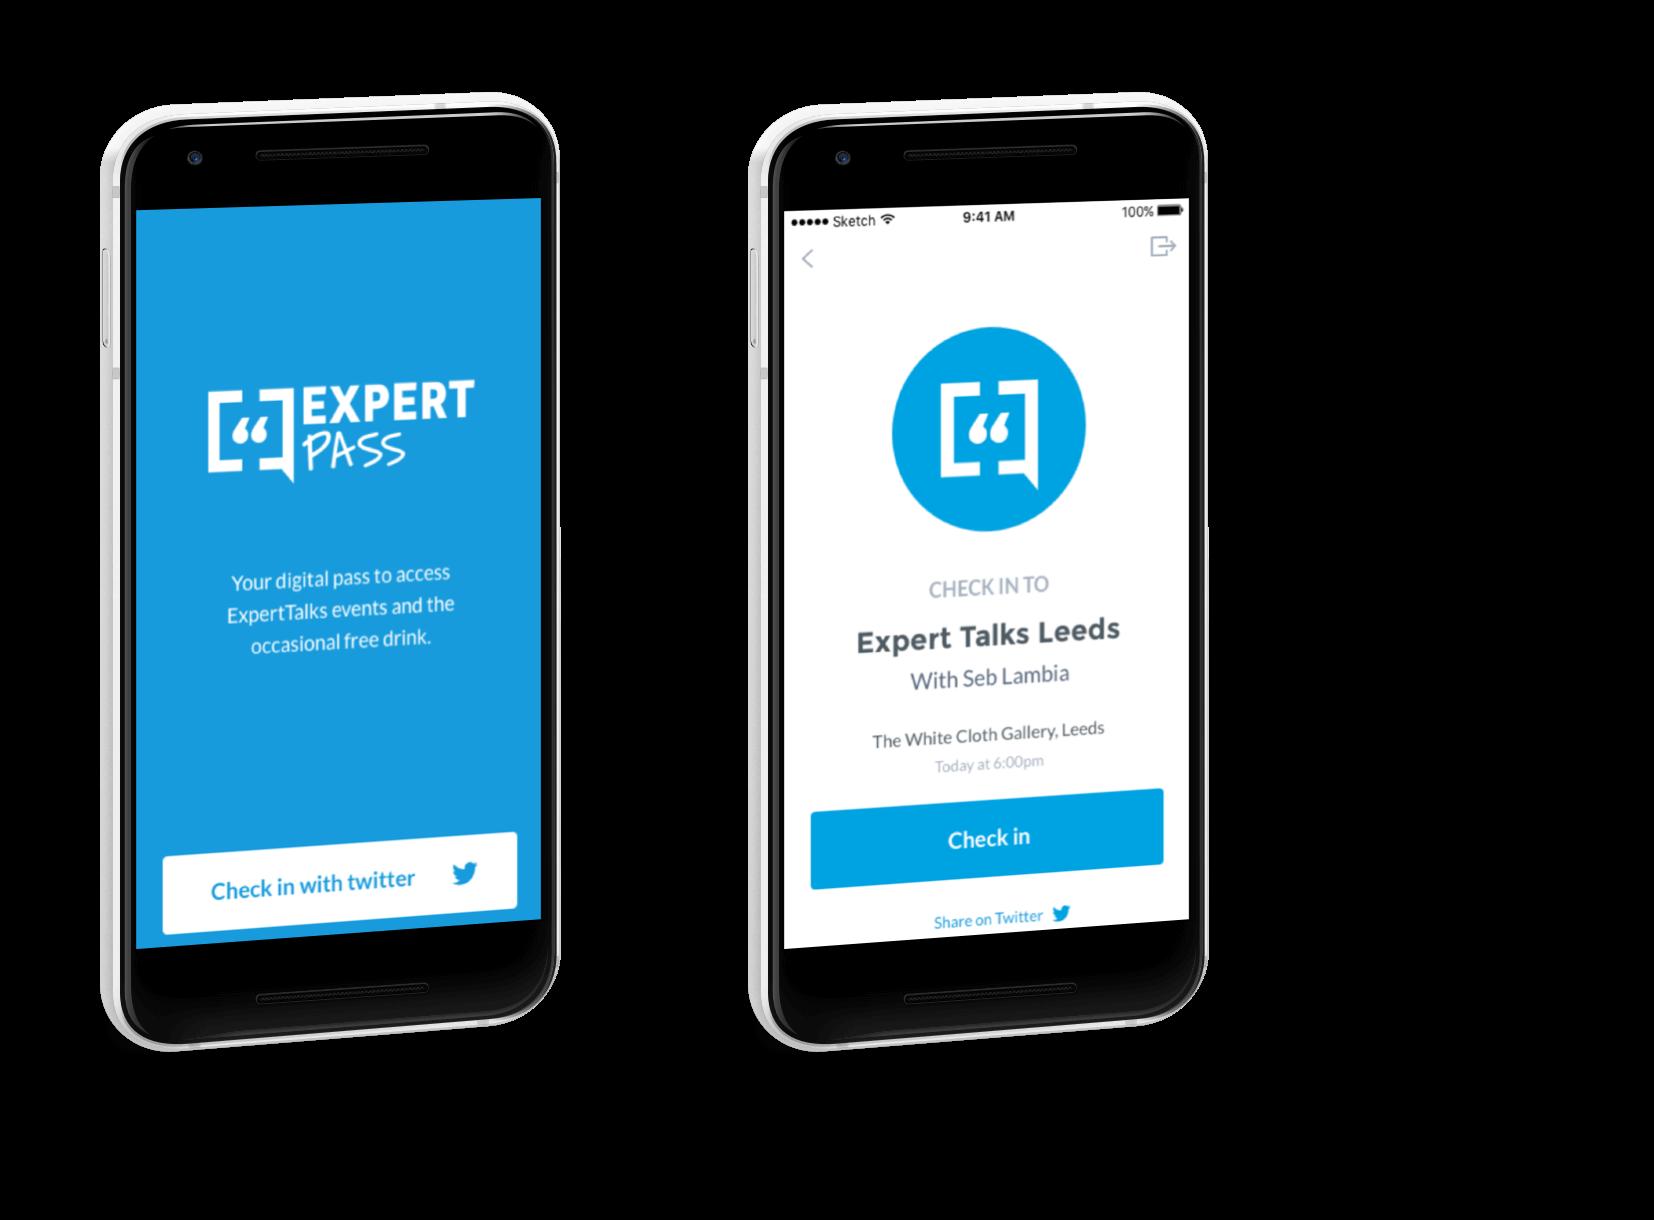 ExpertPass | Ben Hayward – UX designer